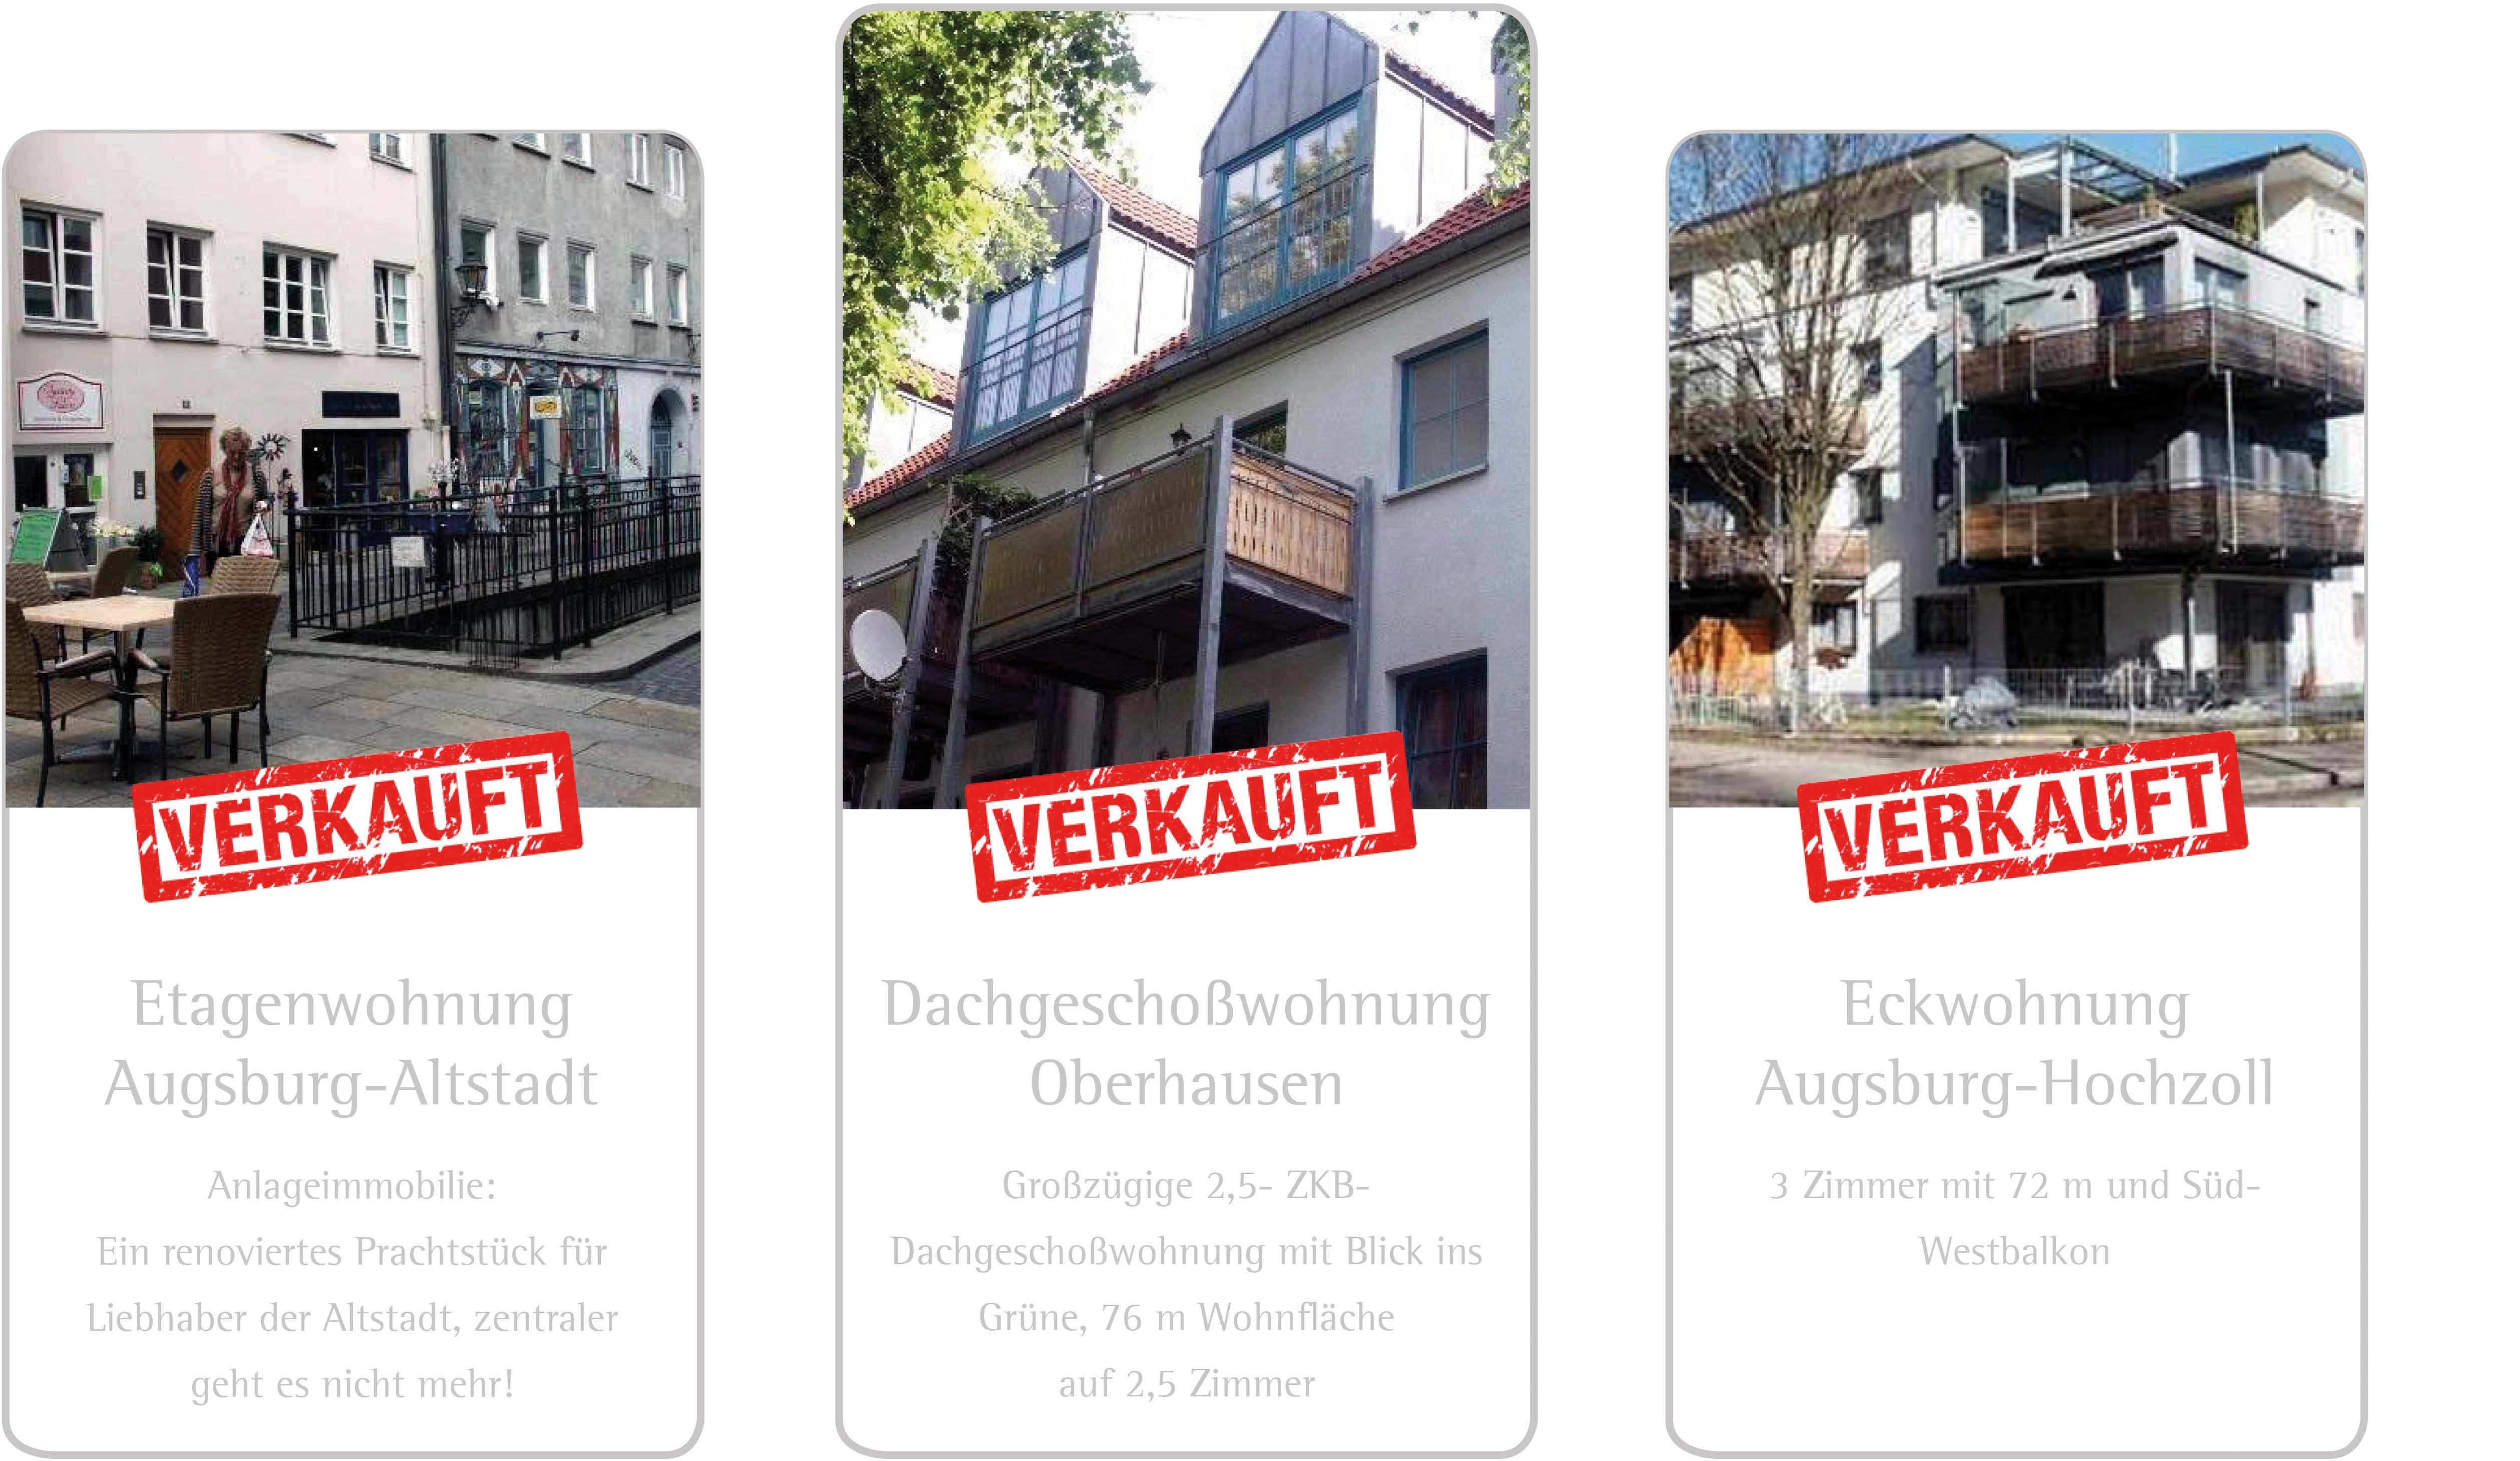 Verkaufte Referenzwohnungen